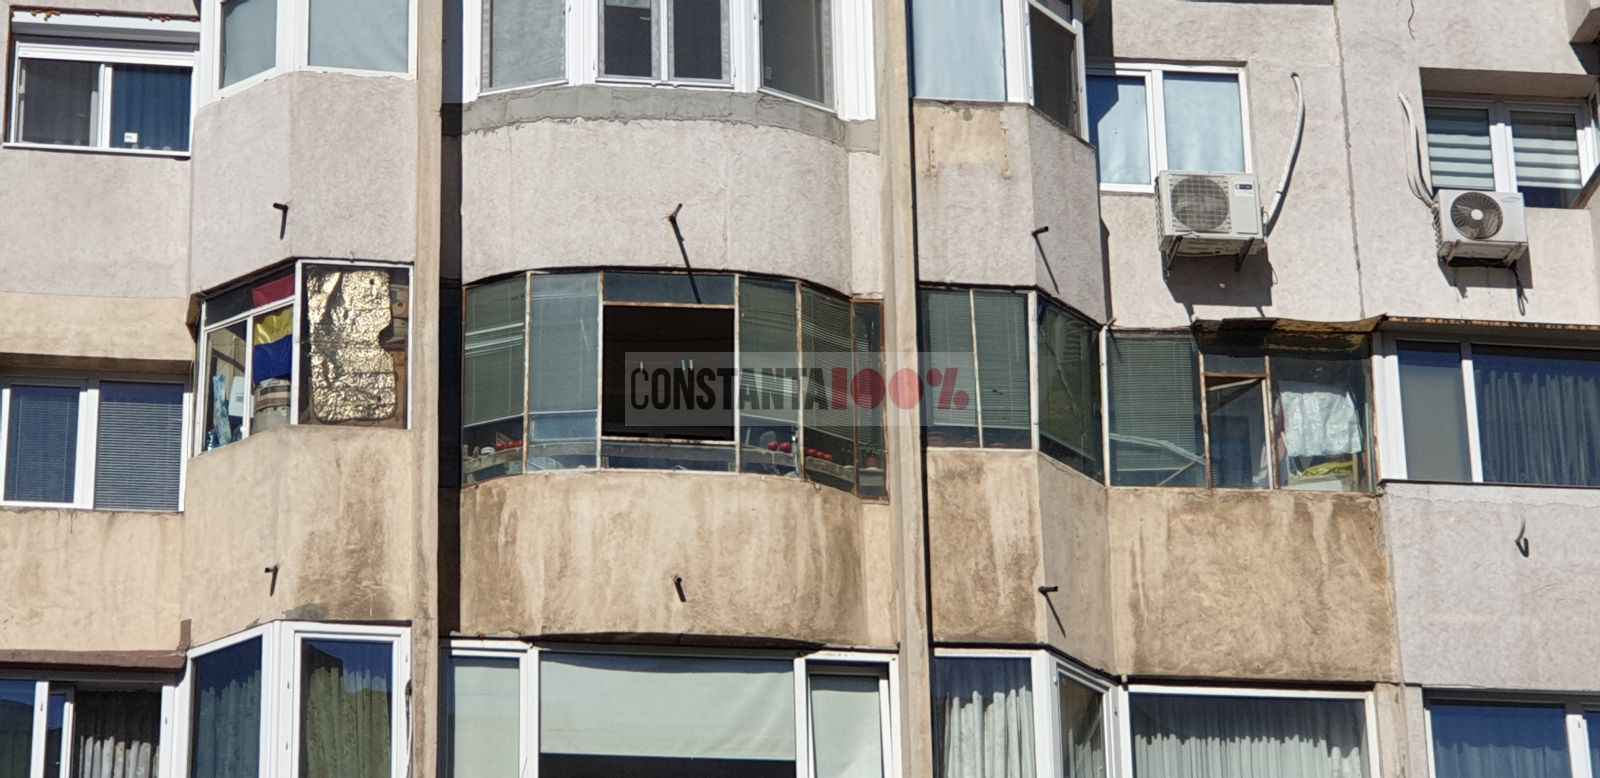 Bloc din zona Trocadero, Constanța